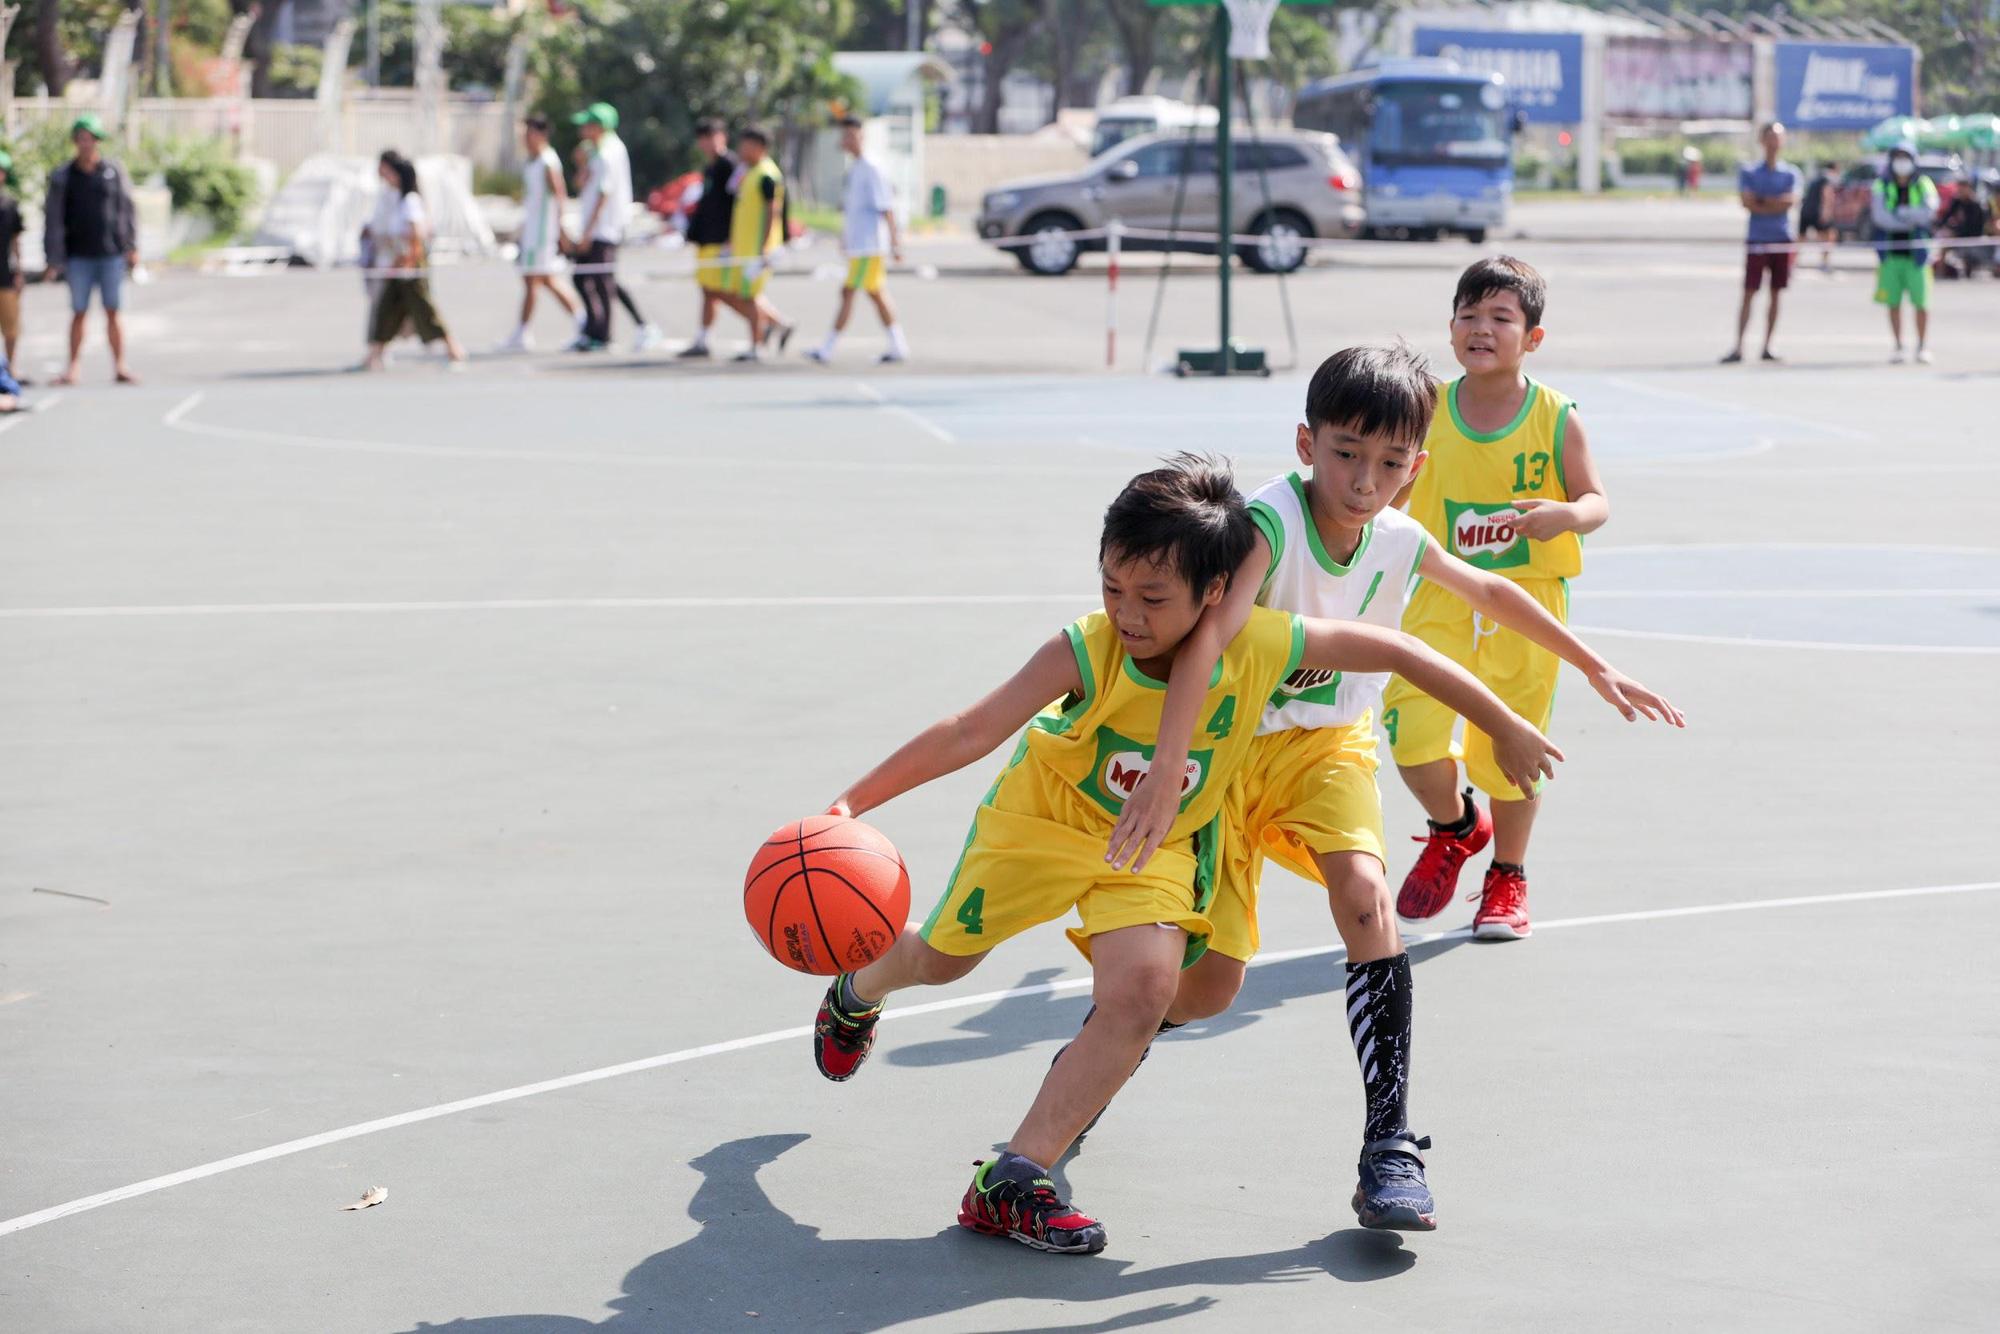 Có một thế hệ trẻ Việt trưởng thành từ sân bóng rổ - Ảnh 4.